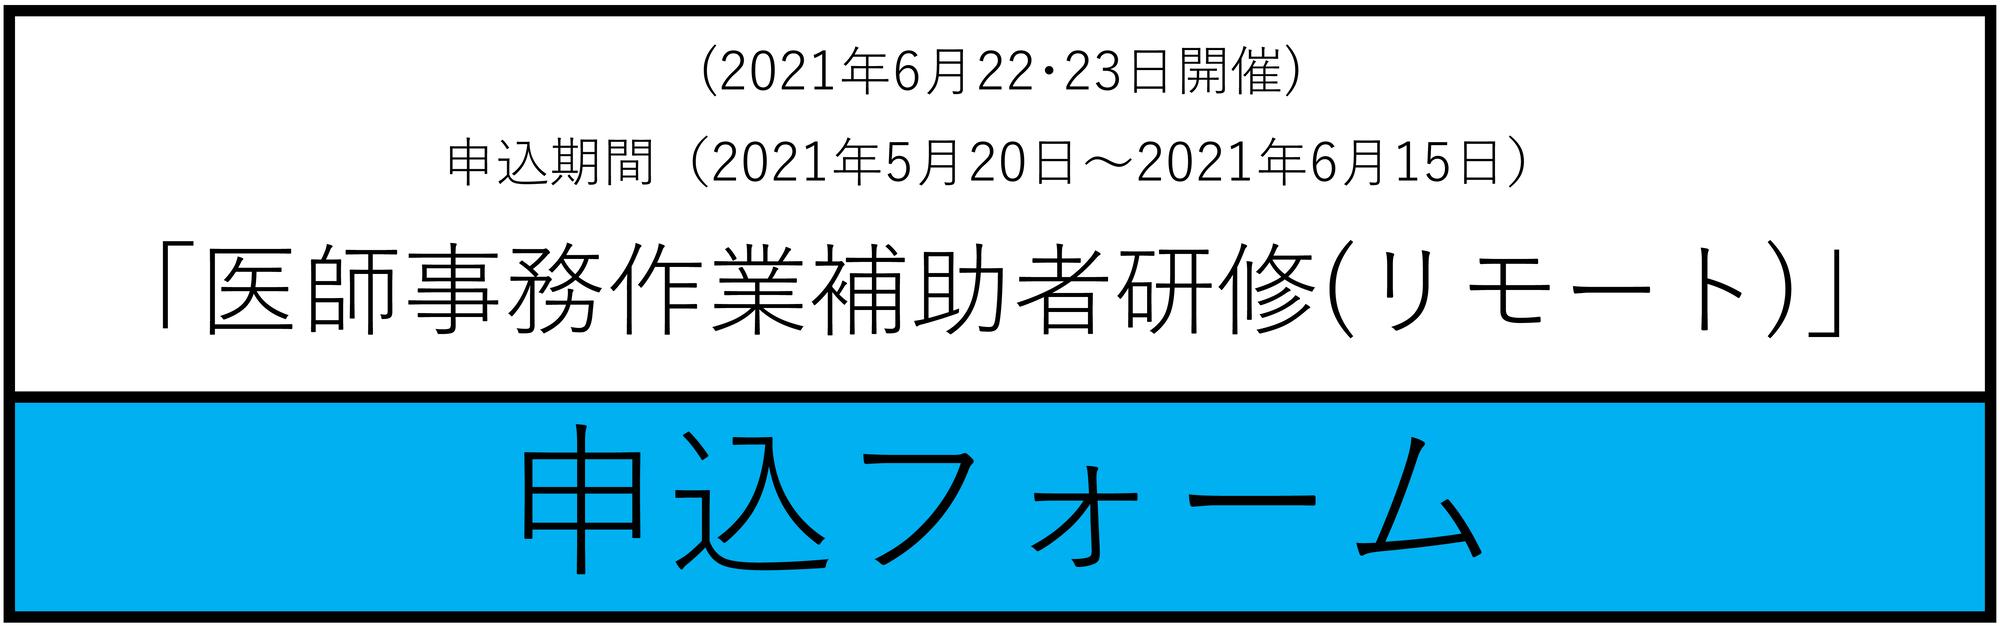 医師事務申込フォーム2021.6